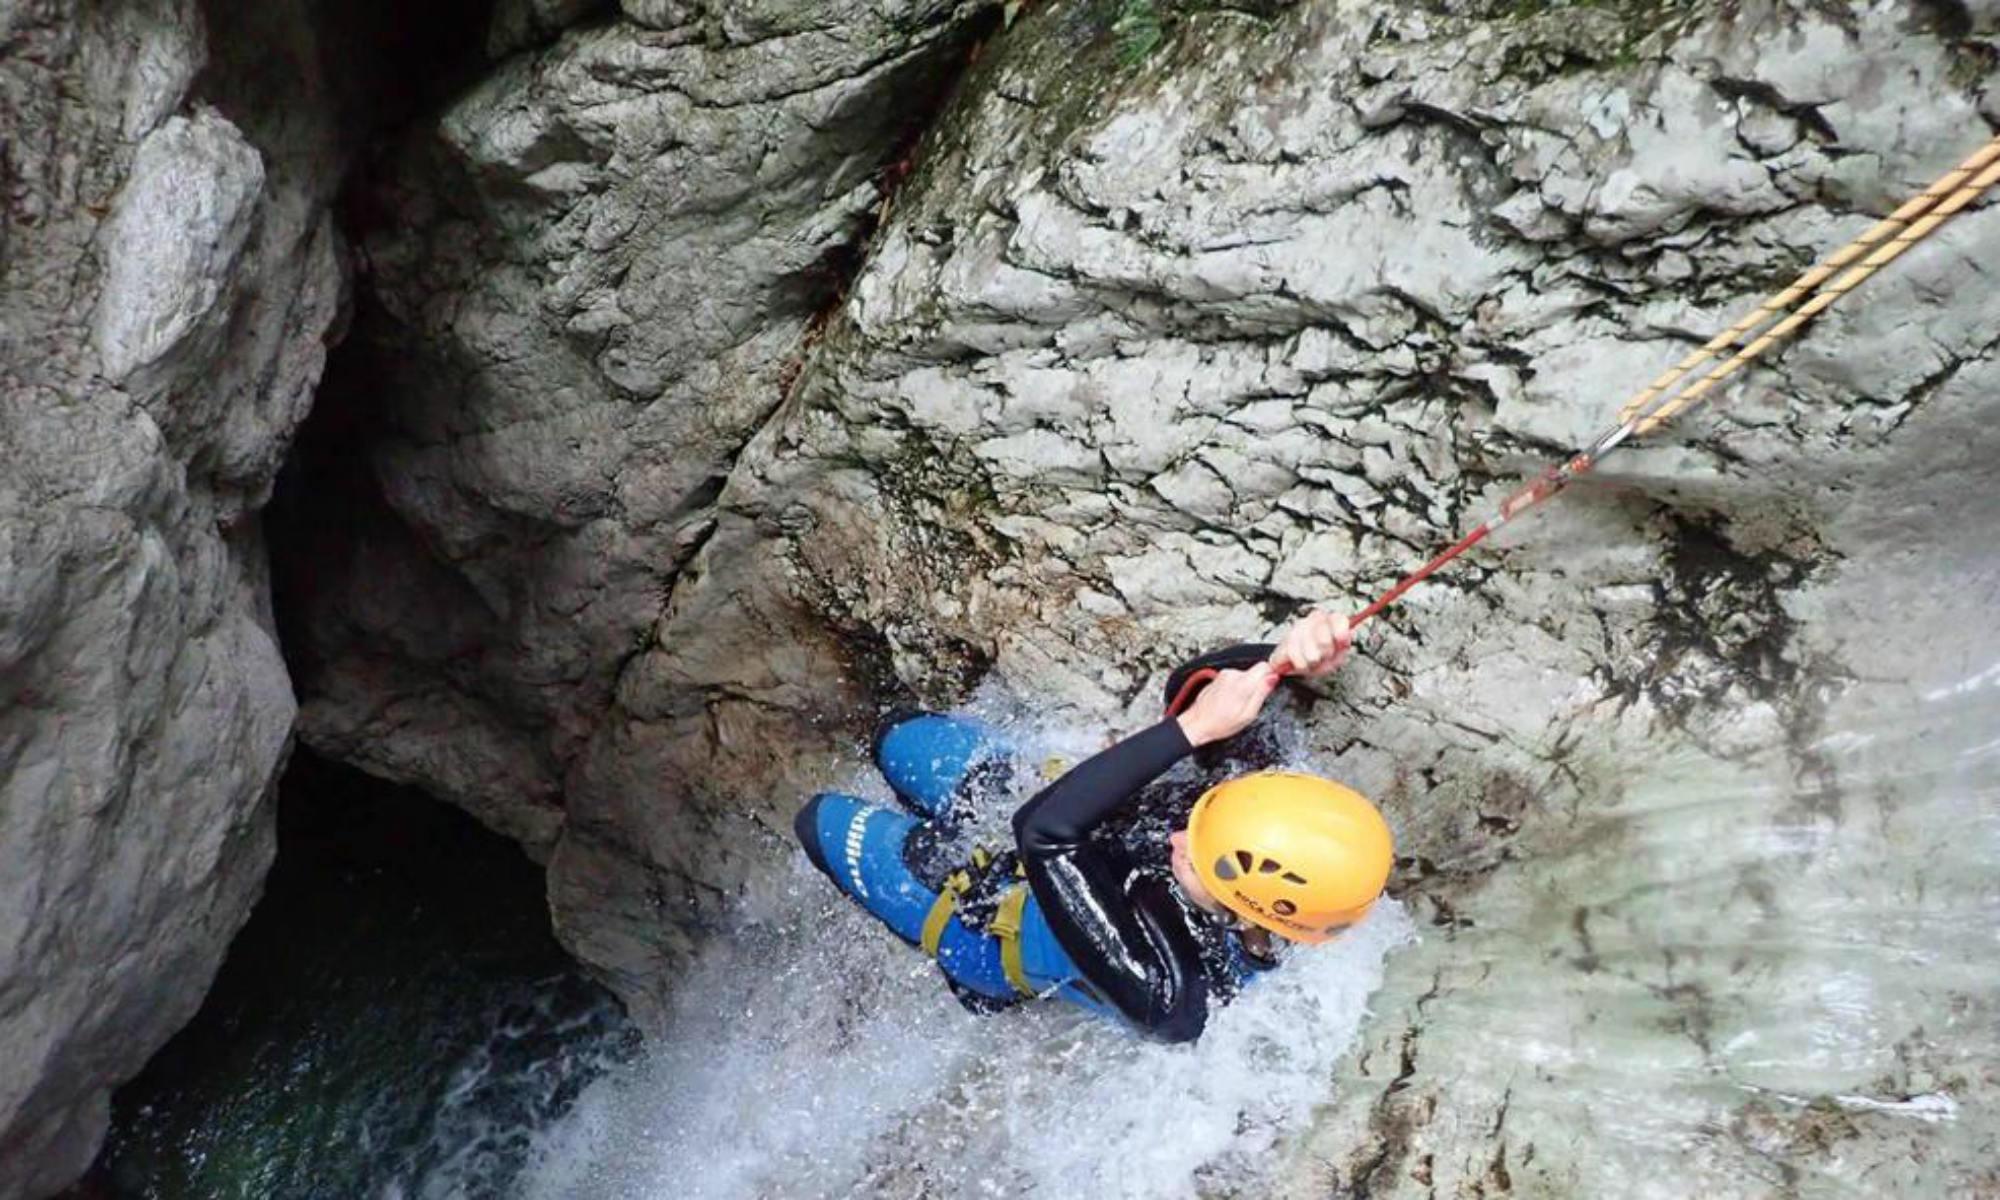 Una persona si sta calando in una pozza d'acqua durante il canyoning in Slovenia.